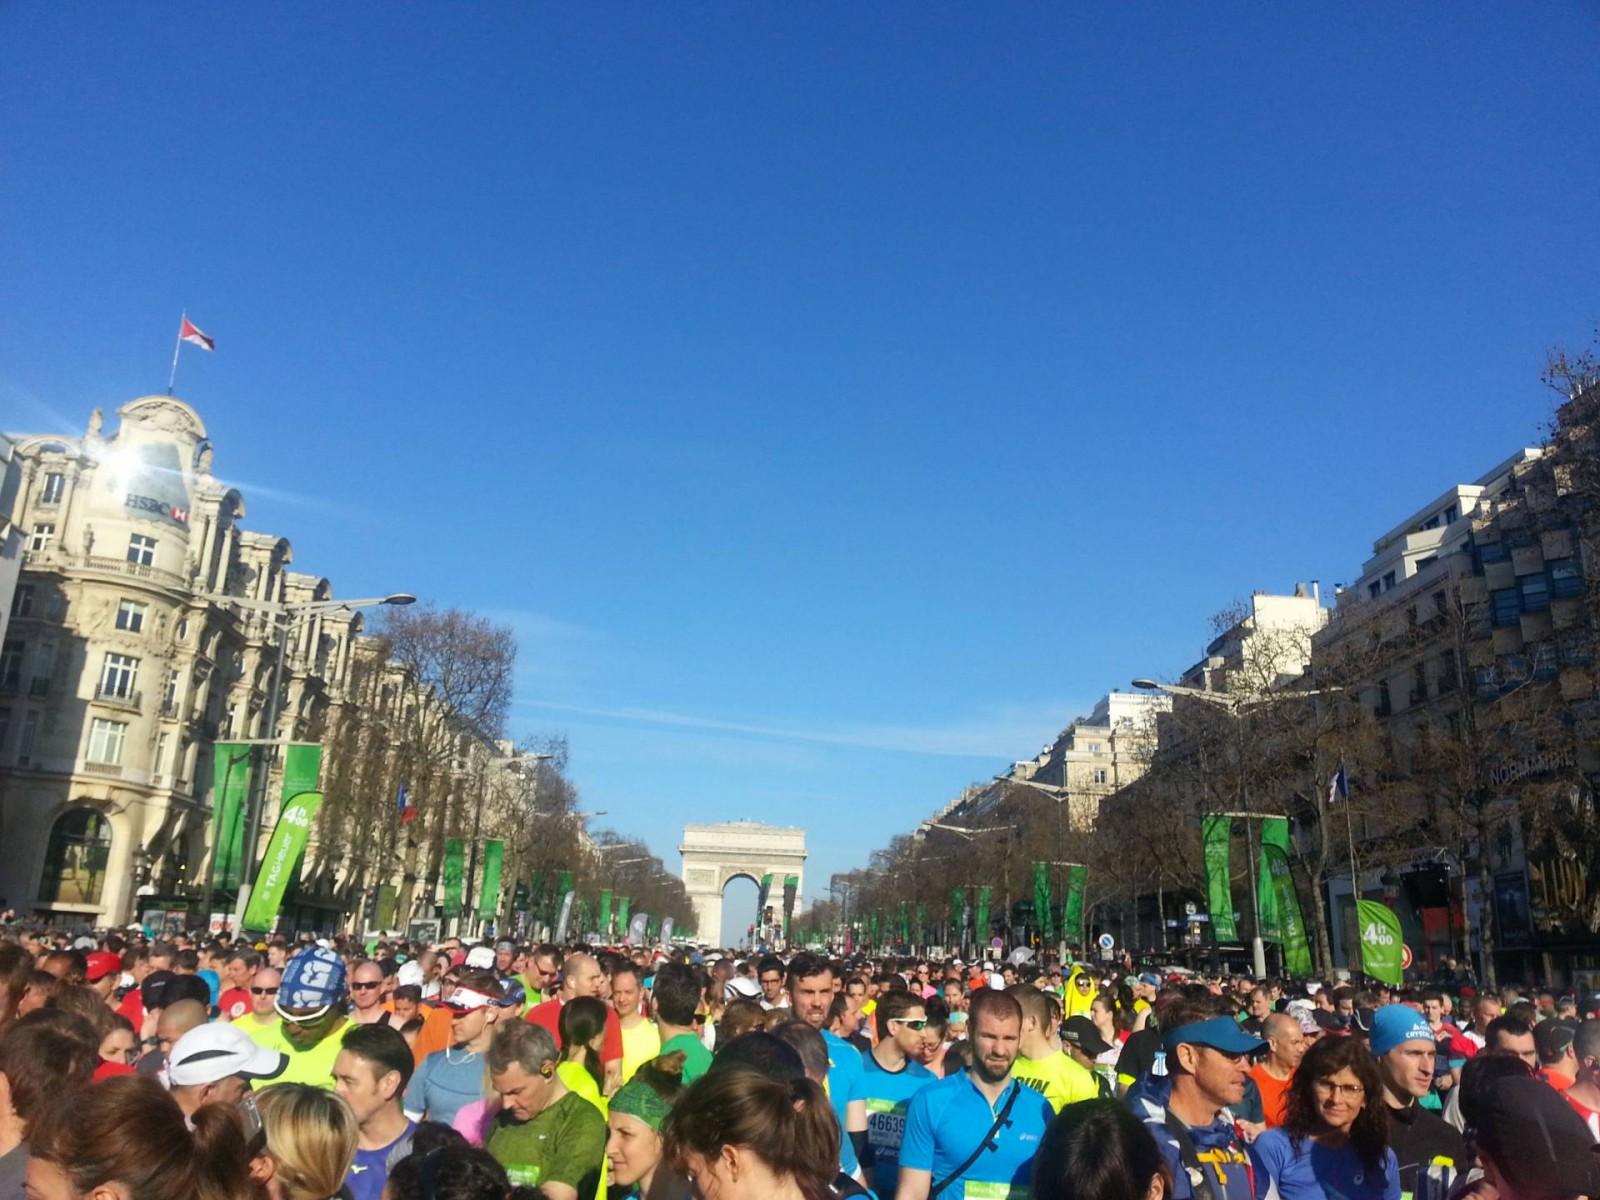 Paris Marathon 2016 start line Champs Elysees